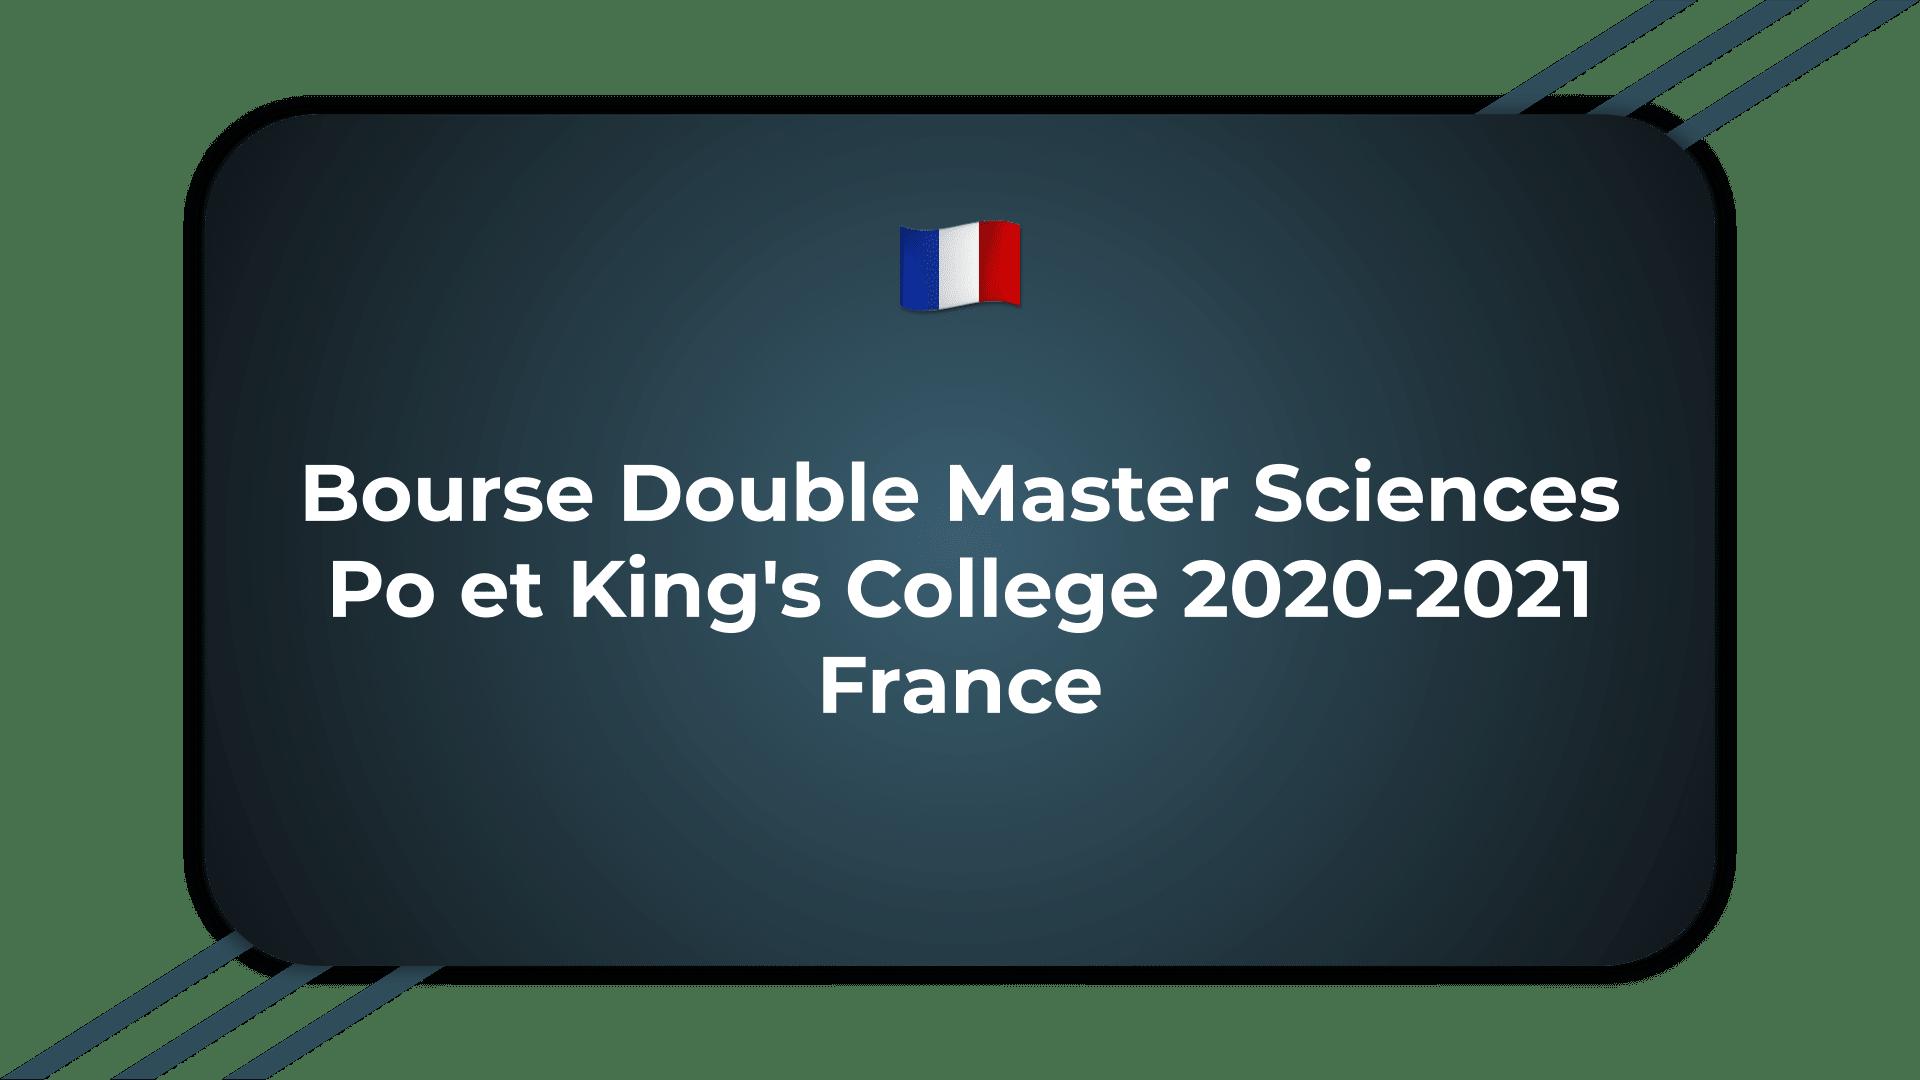 Bourse Double Master Sciences Po et King's College France